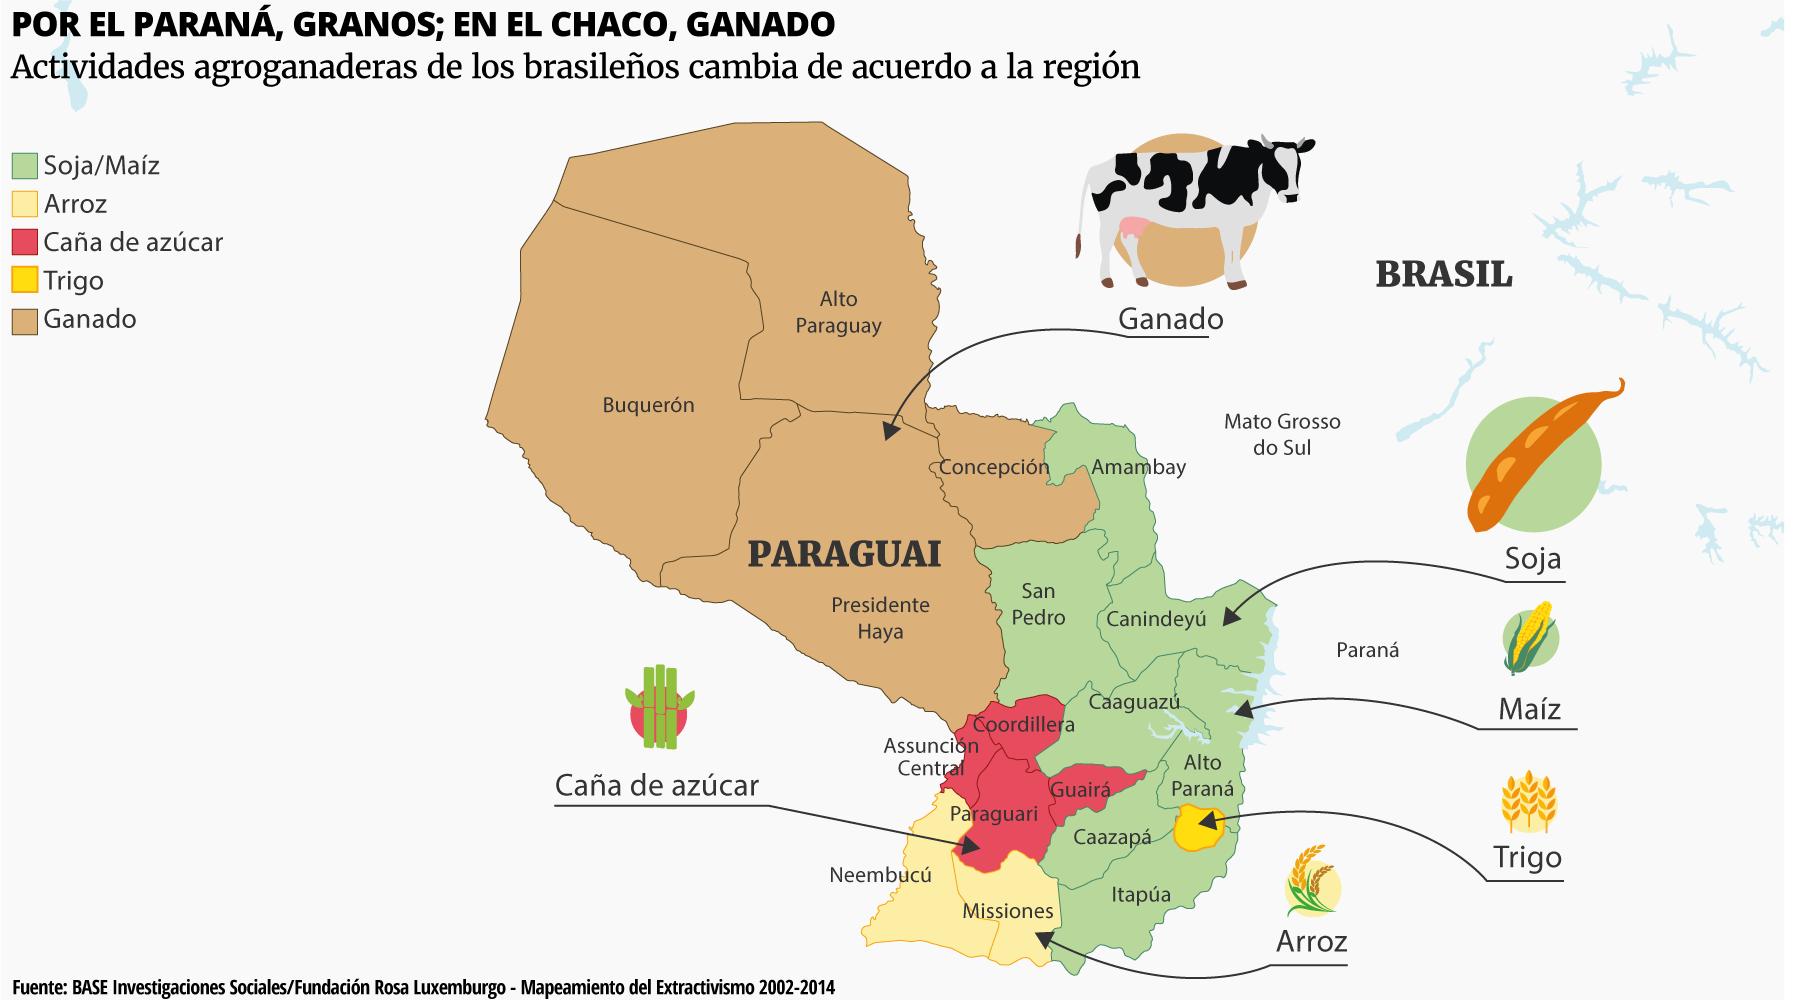 Actividades agroganaderas de los brasileños cambia de acuerdo a la región